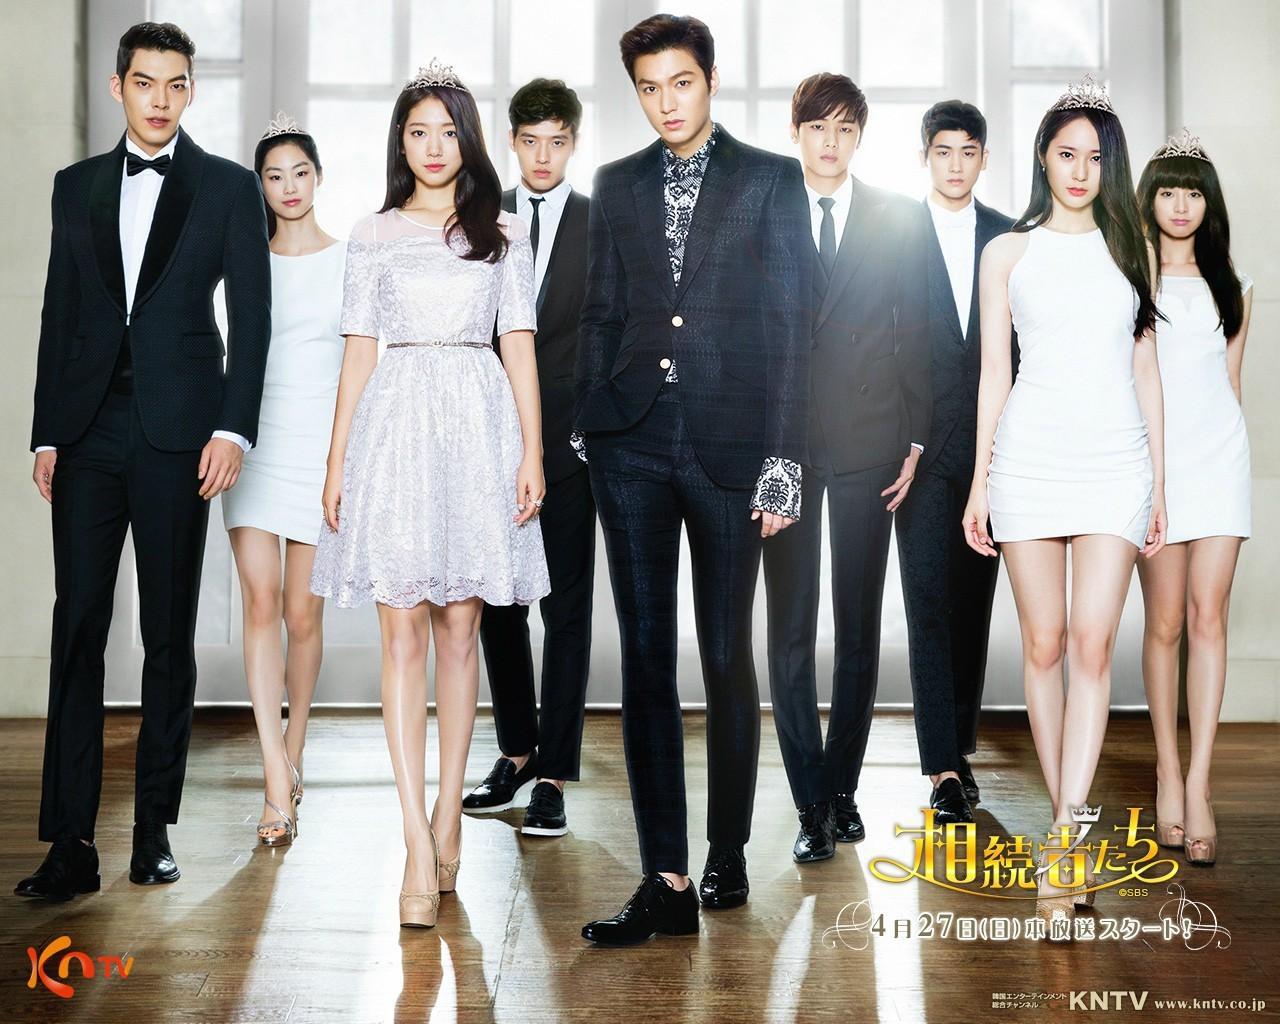 6 phim Hàn từng gây bất mãn vì không hiểu nổi vì sao lại hot - Ảnh 1.